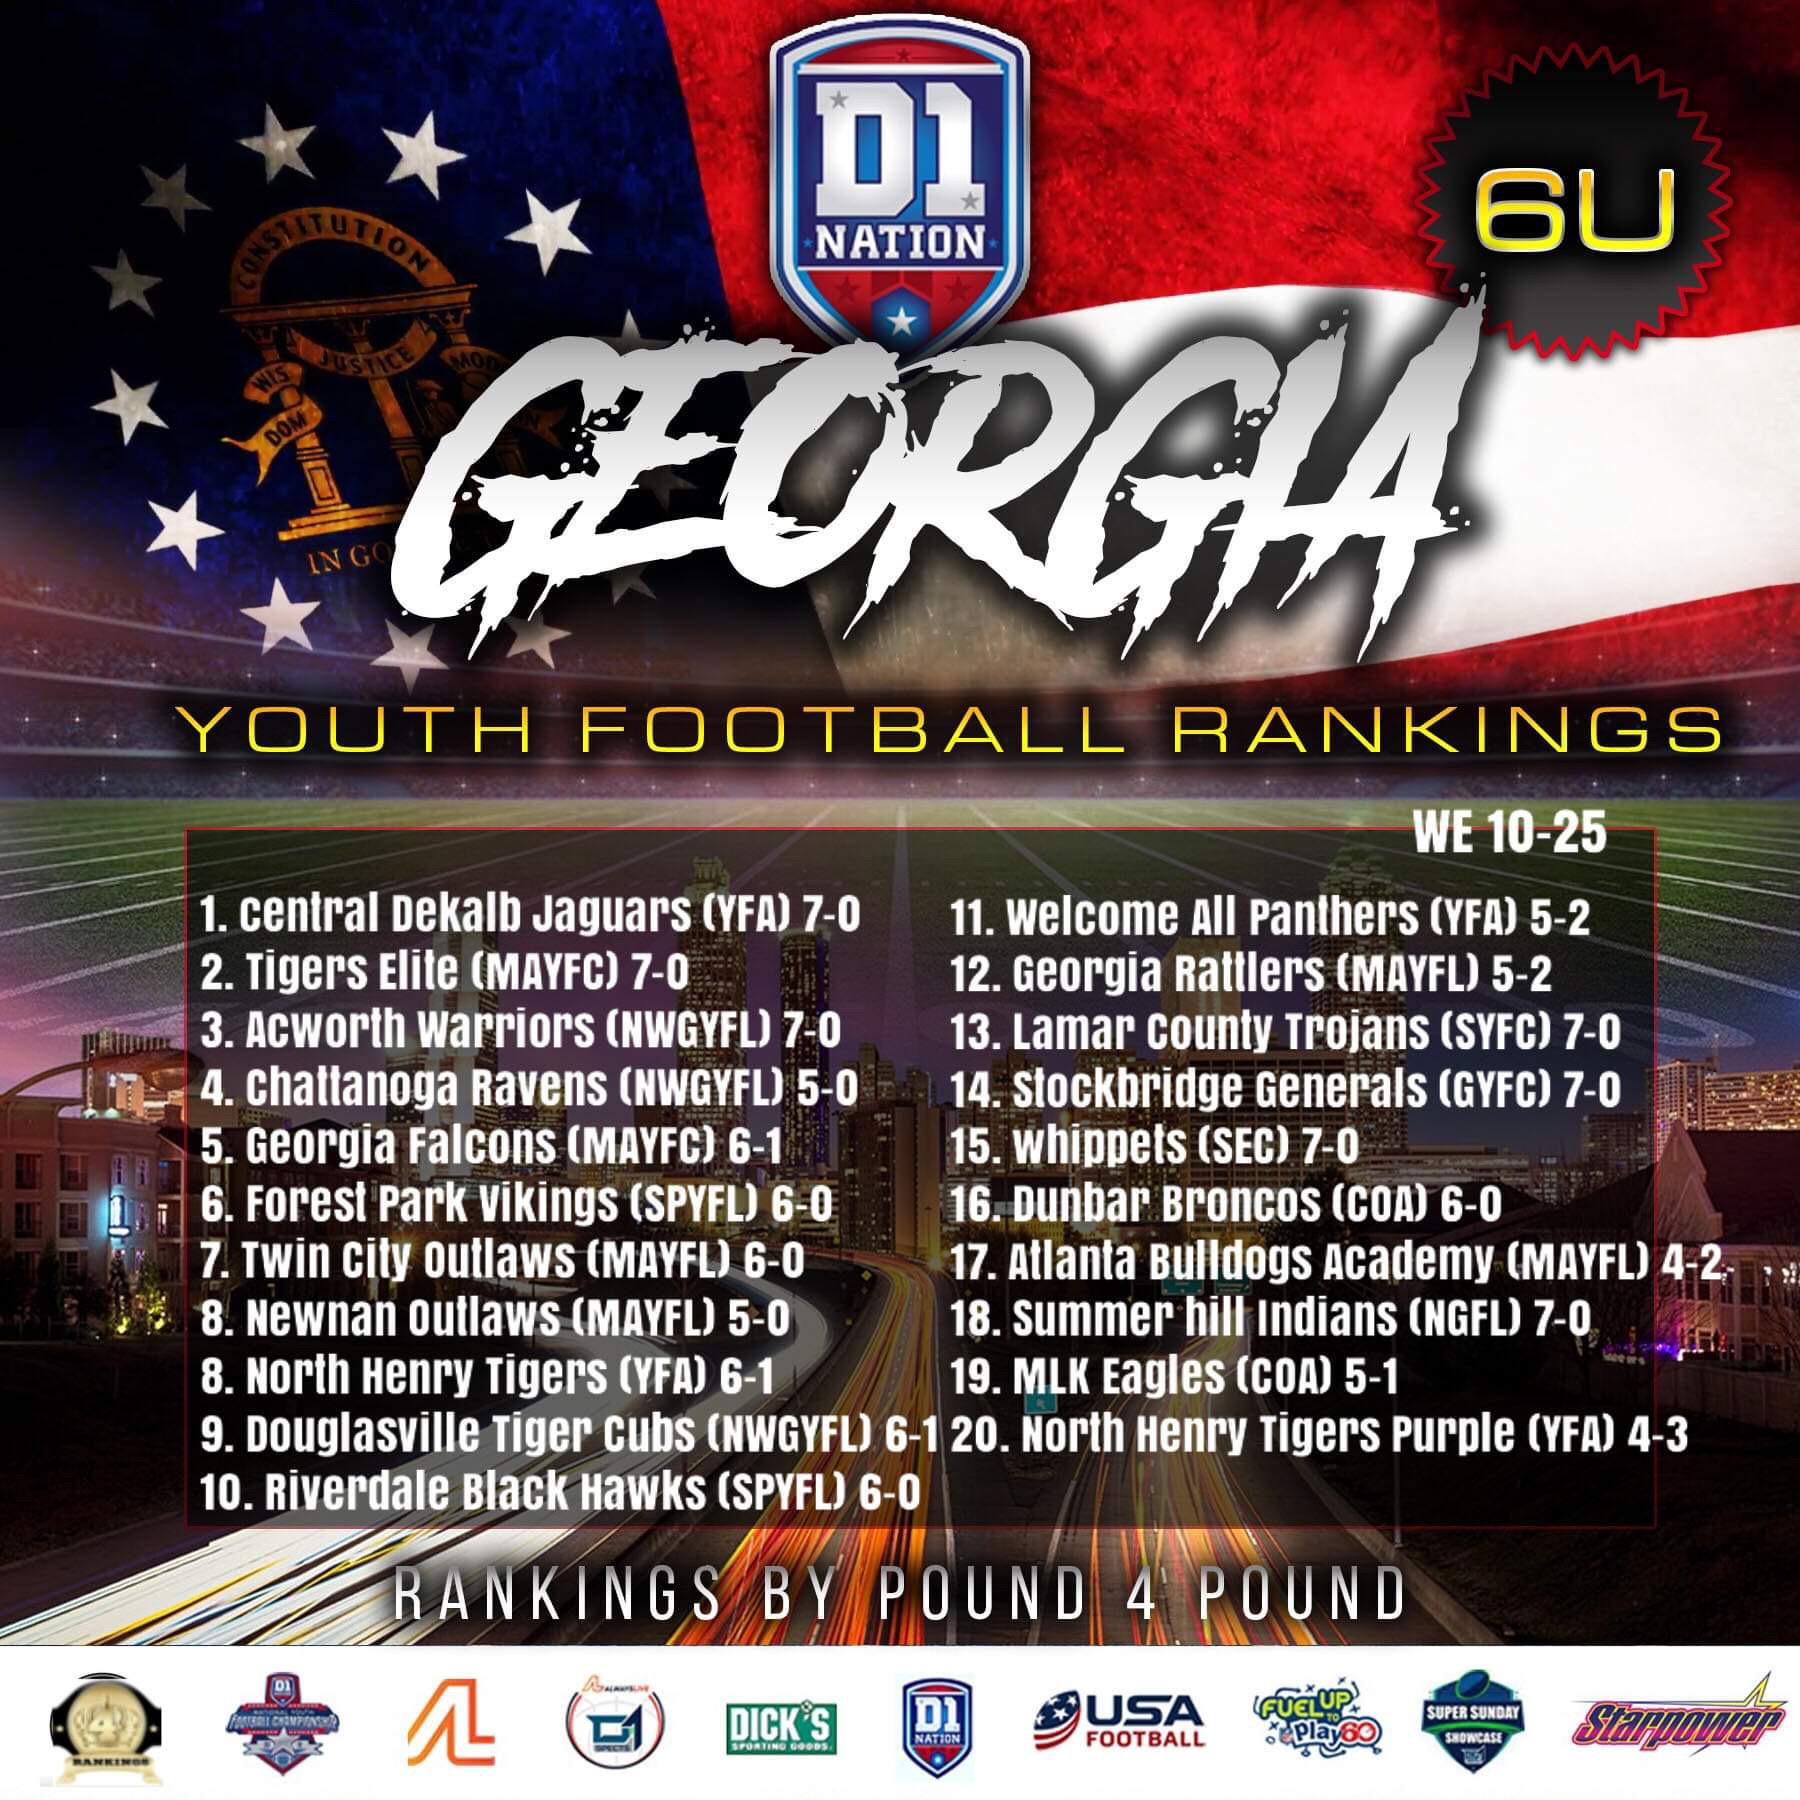 Update 11/1/2019: Georgia Youth Football Rankings – 6U